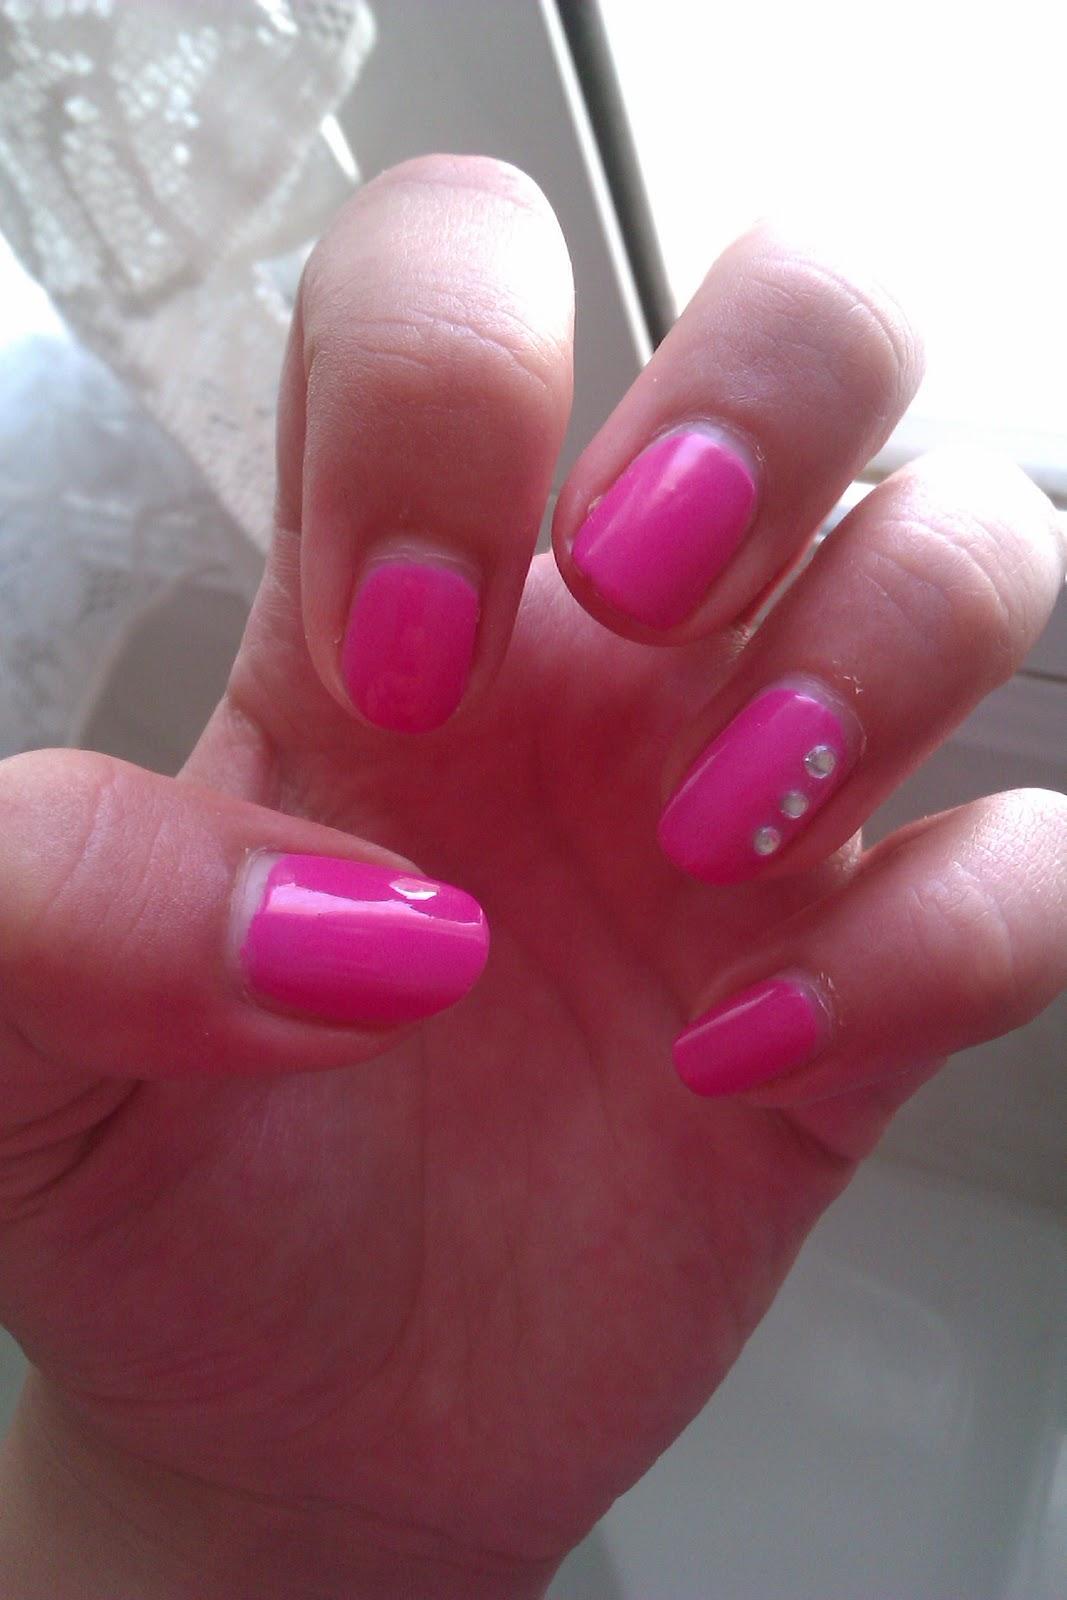 Nailed: Shellac/Gel nail polish